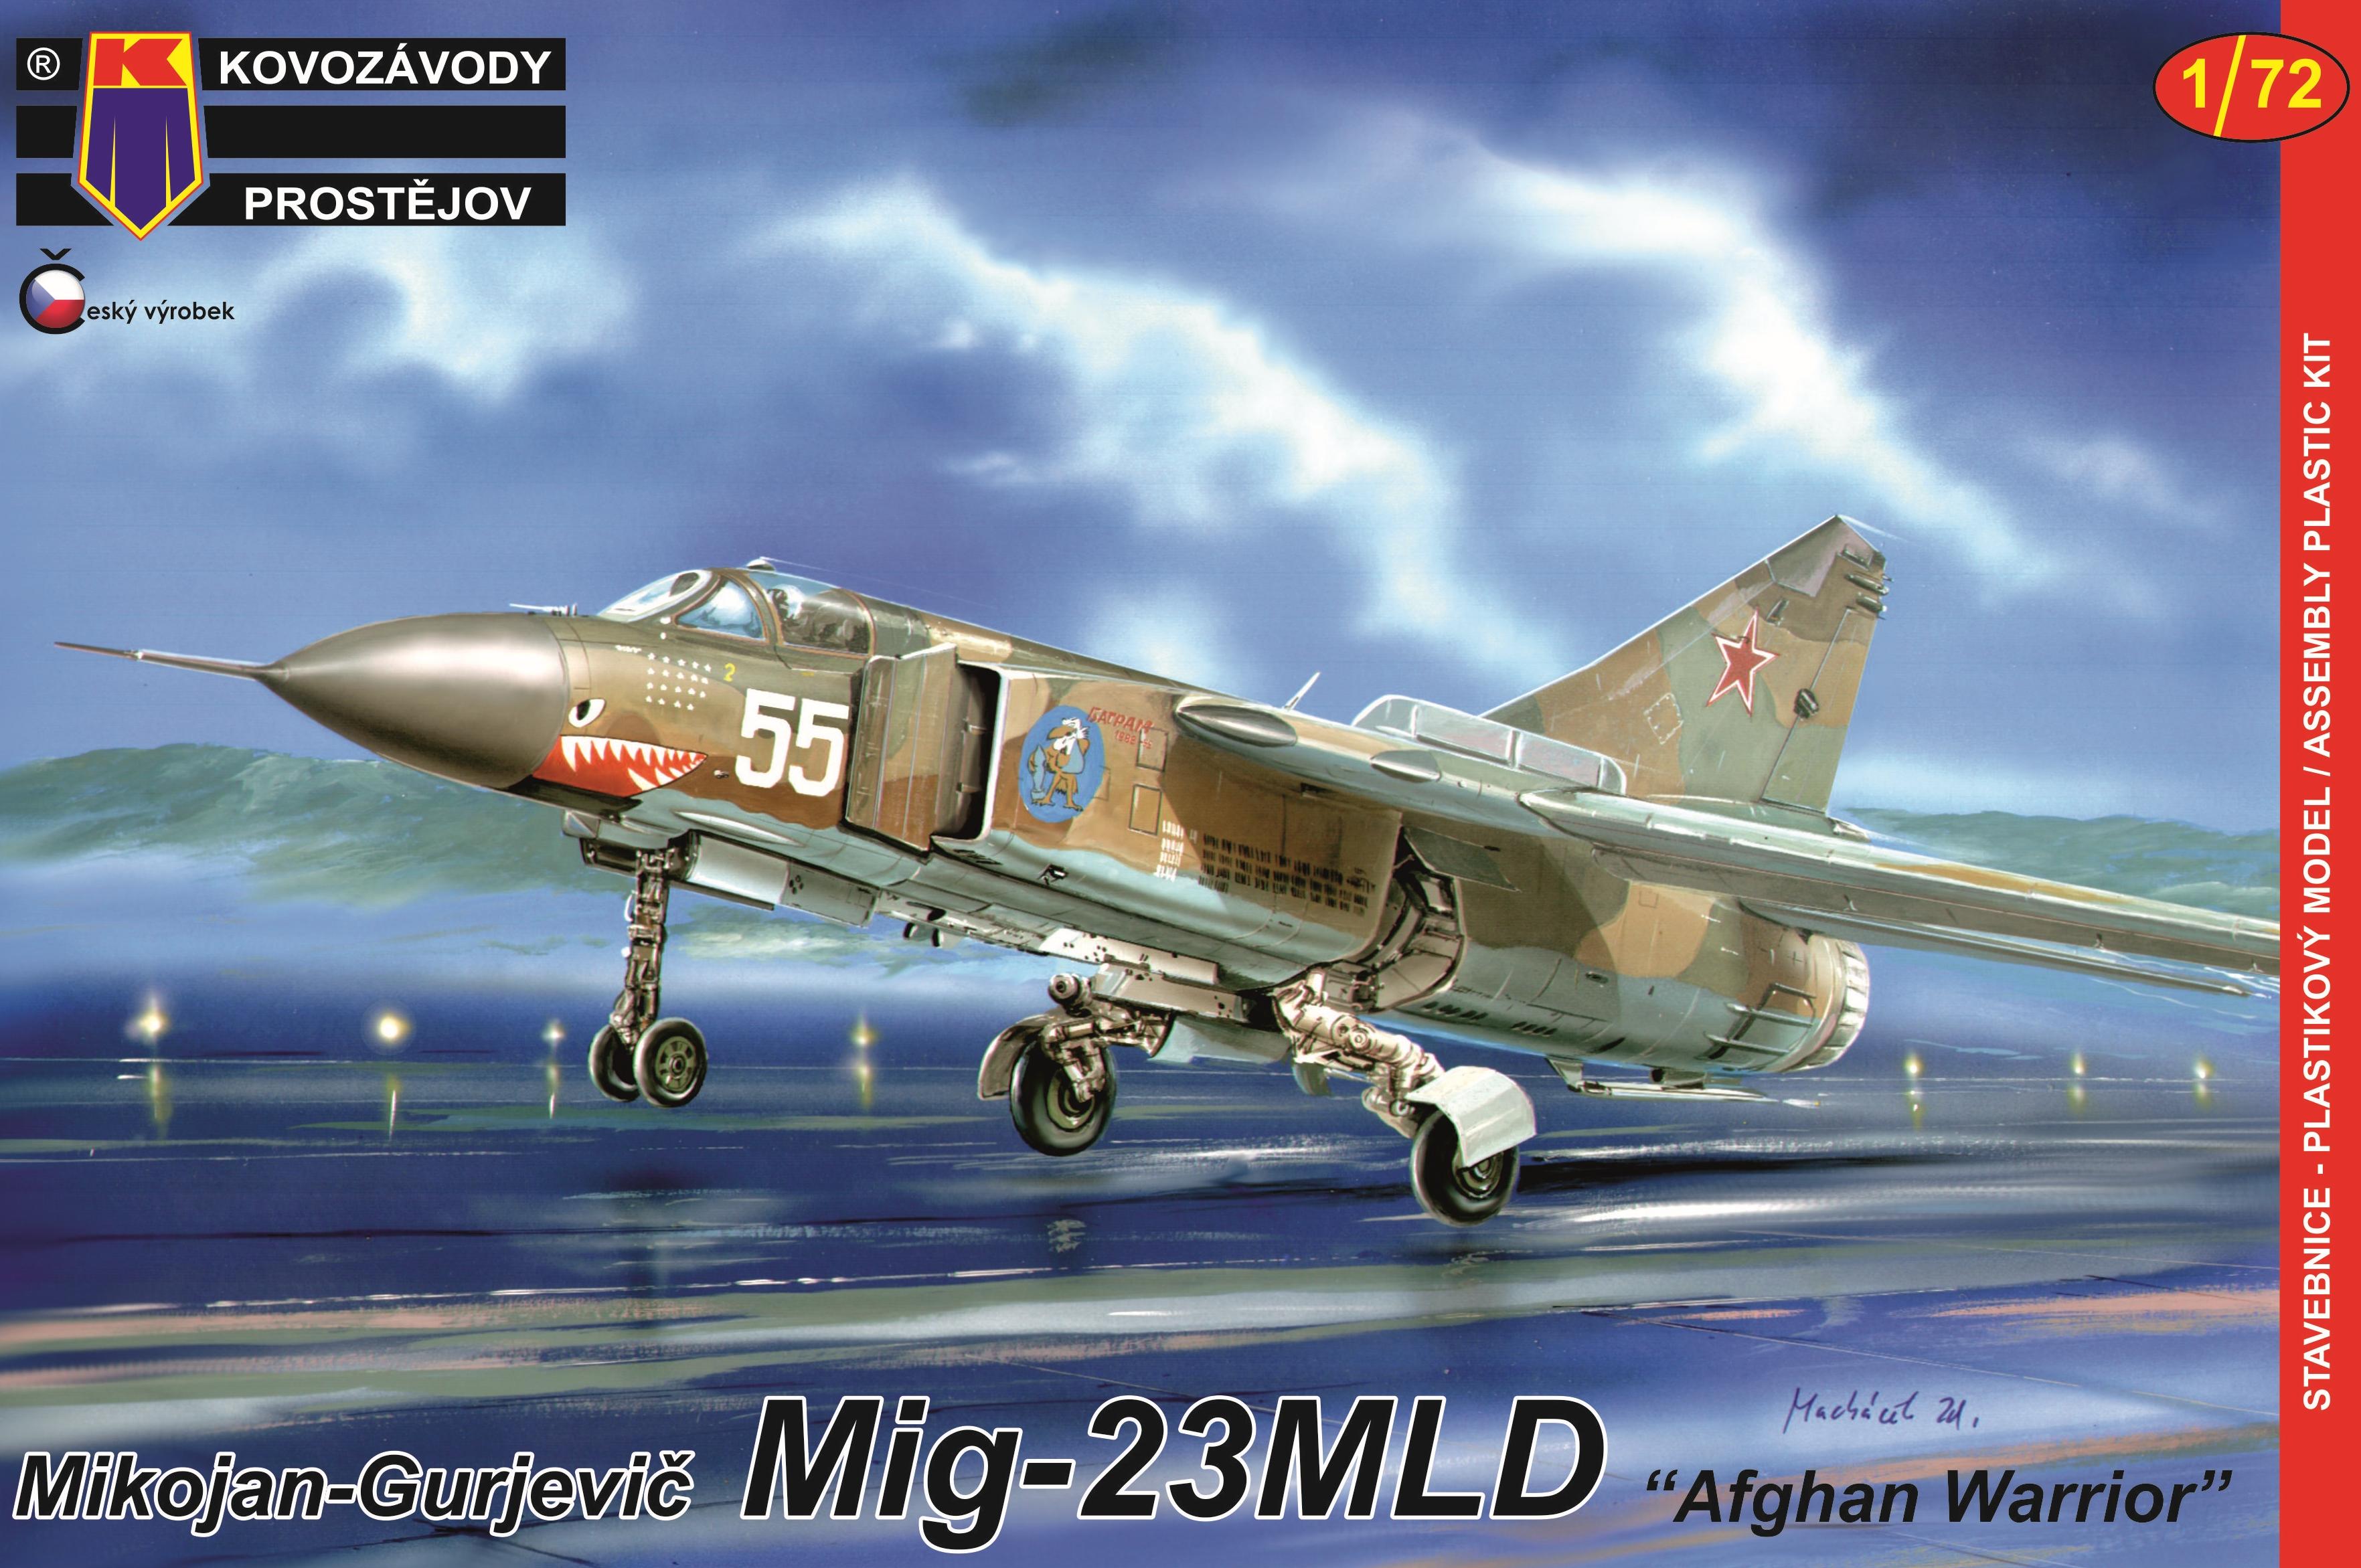 """MIG-23MLD """"AFGHAN WARRIOR"""" 1/72, KP"""